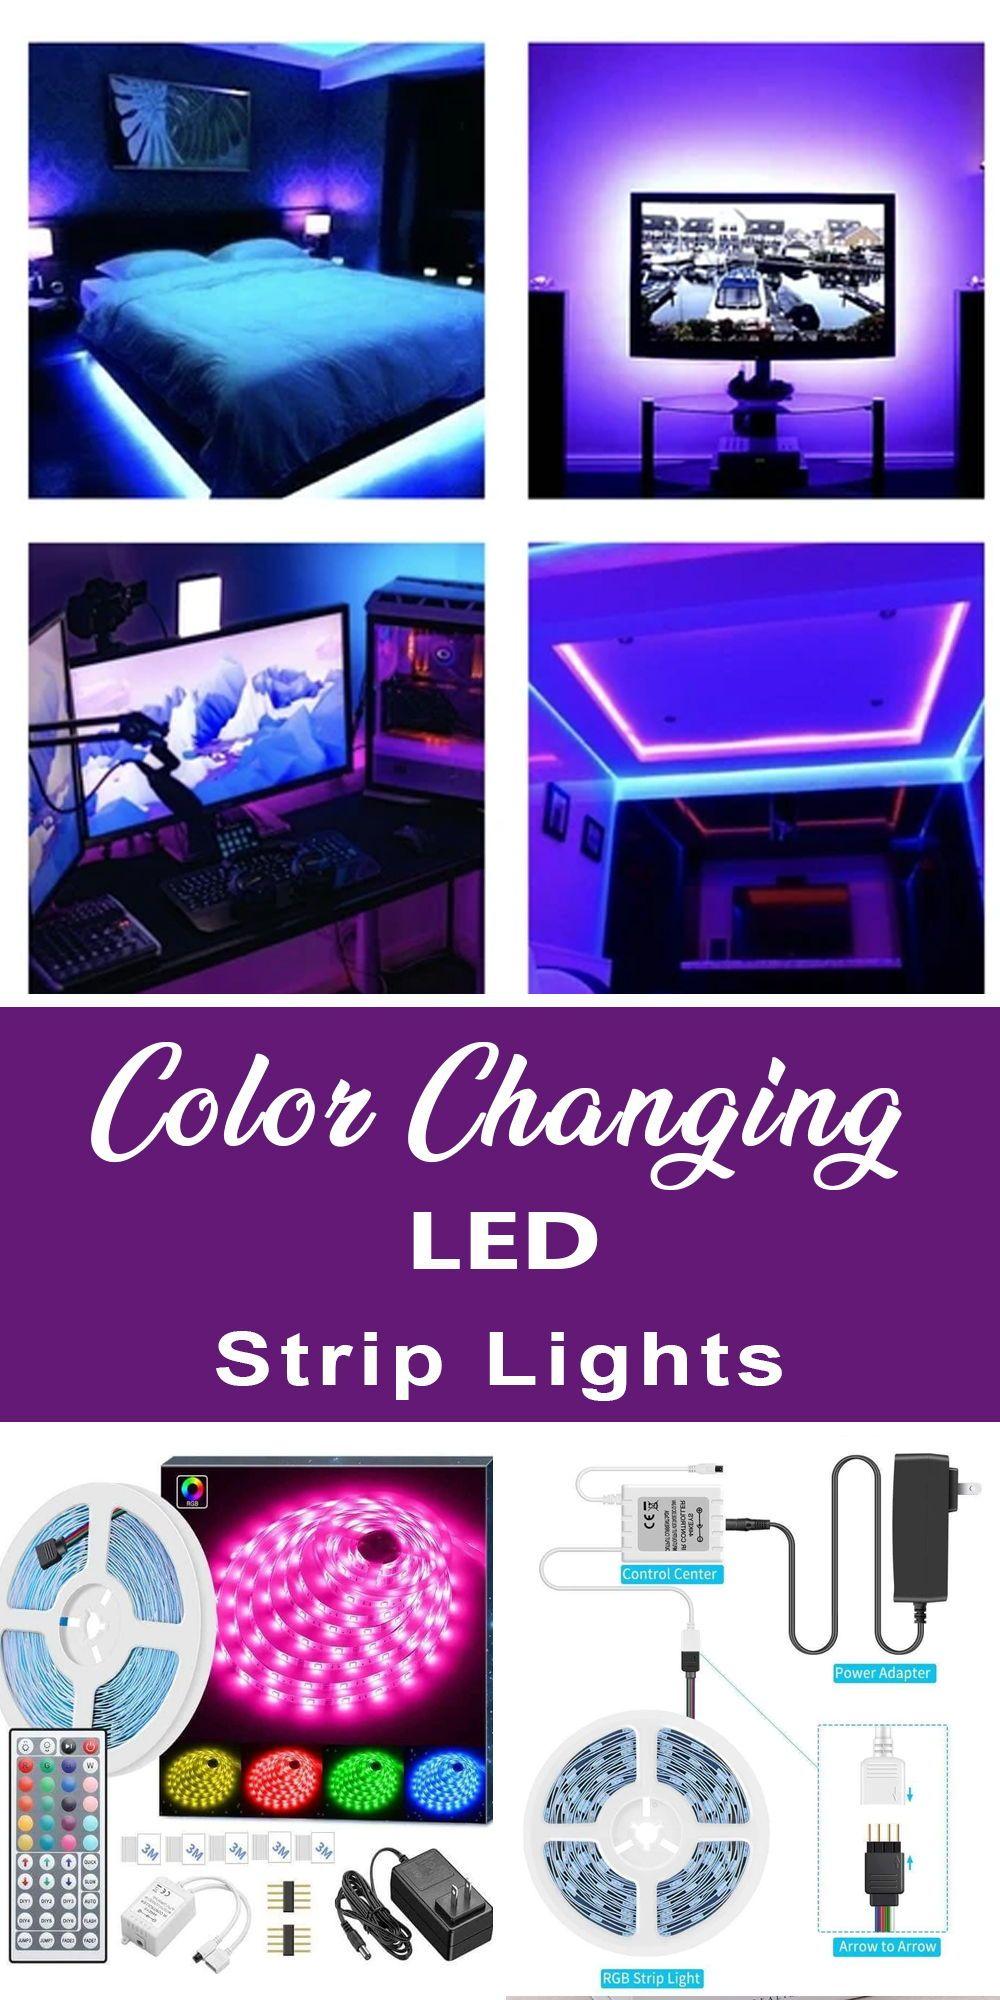 Color Changing Led Strip Lights Led Strip Lighting Strip Lighting Color Changing Led